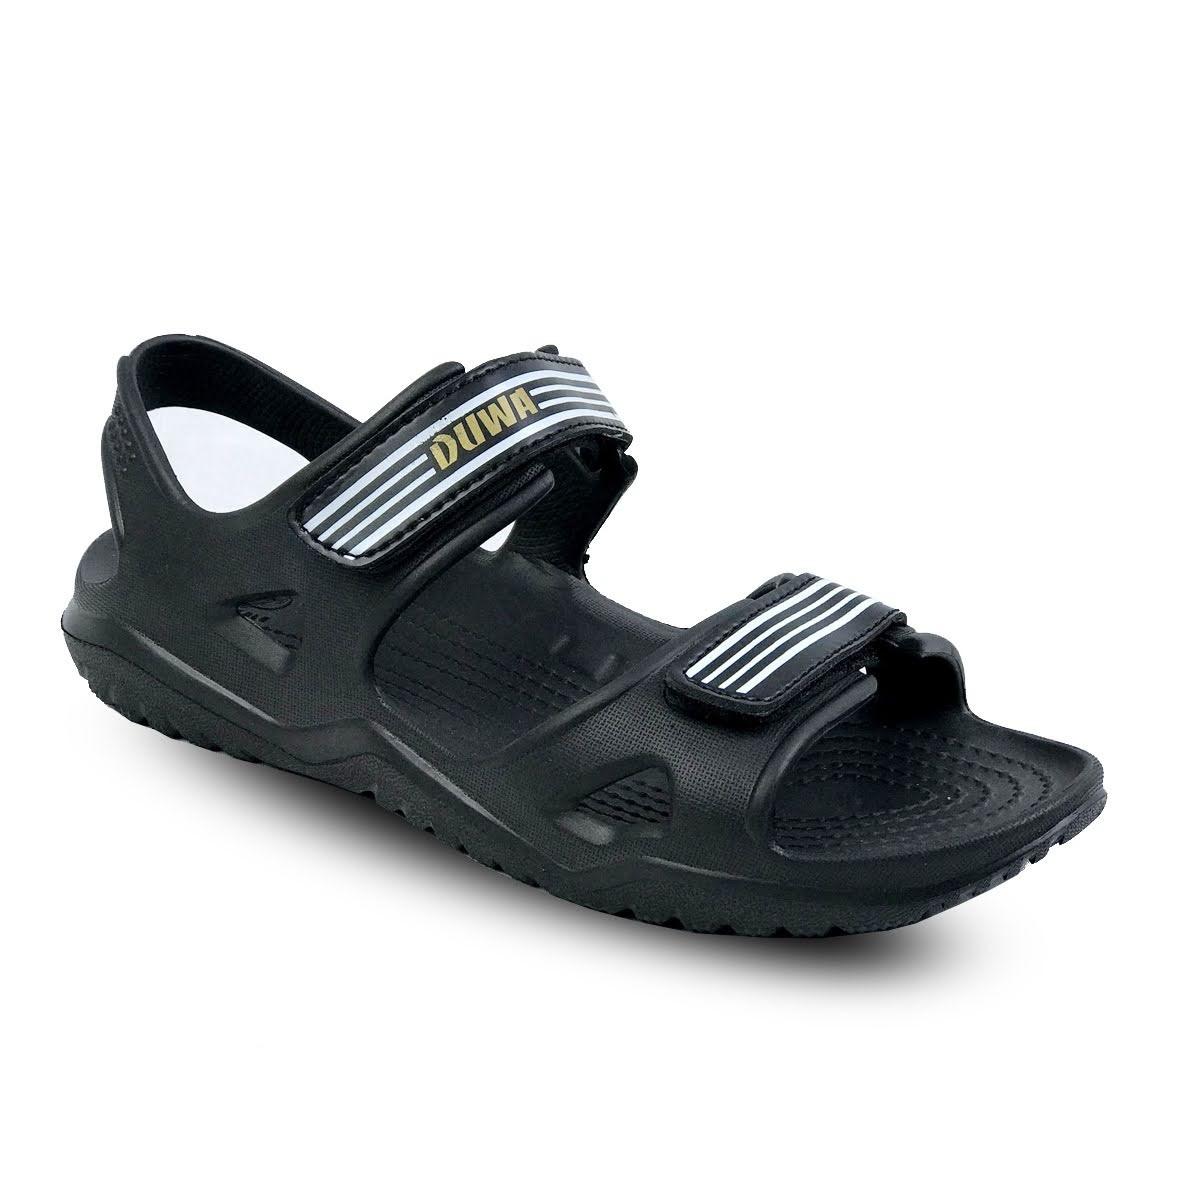 Giày sandal nam siêu nhẹ hiệu Duwa thích hợp mang đi học DH34